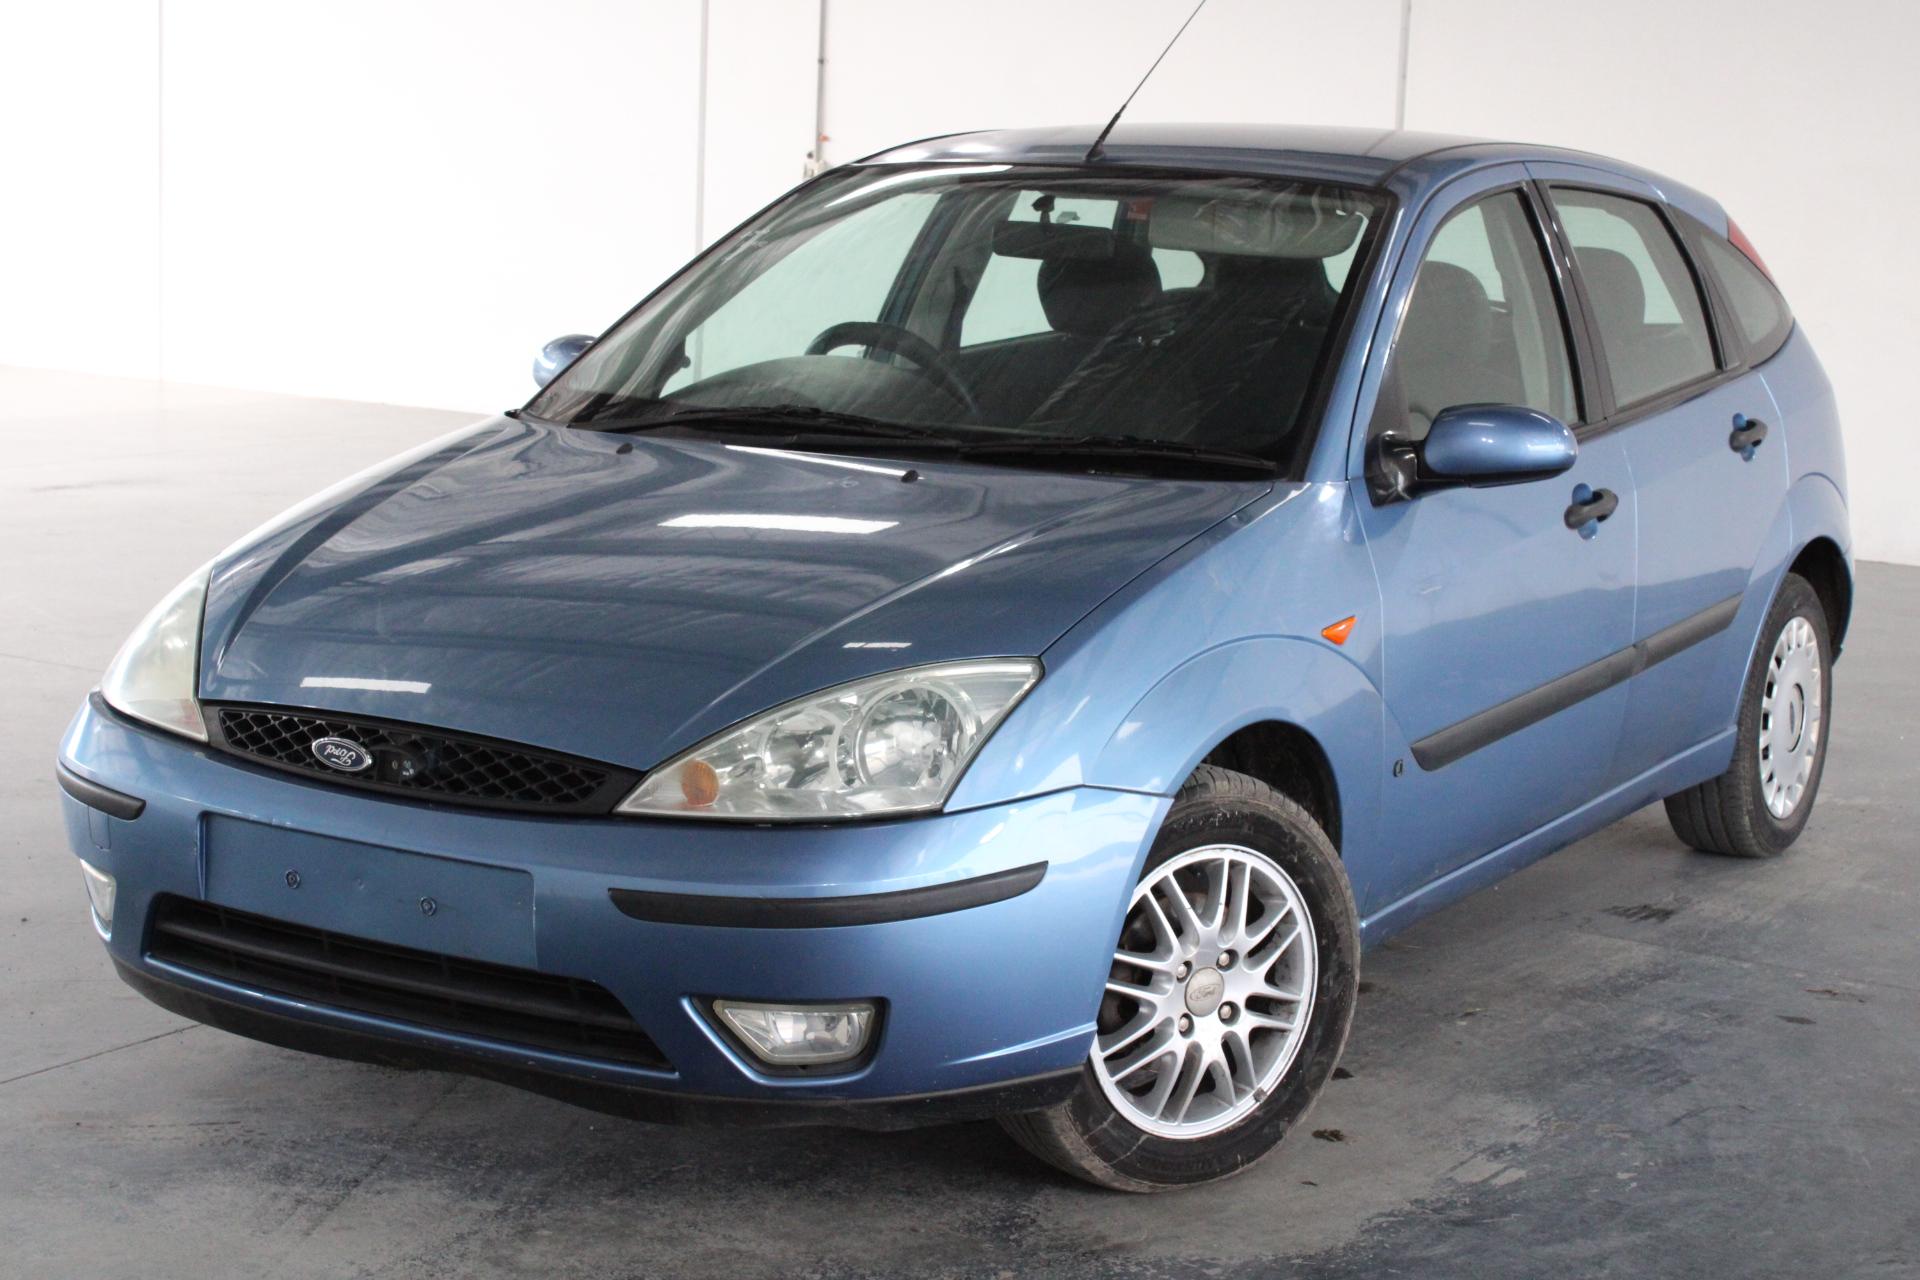 2003 Ford Focus CL LR Manual Hatchback